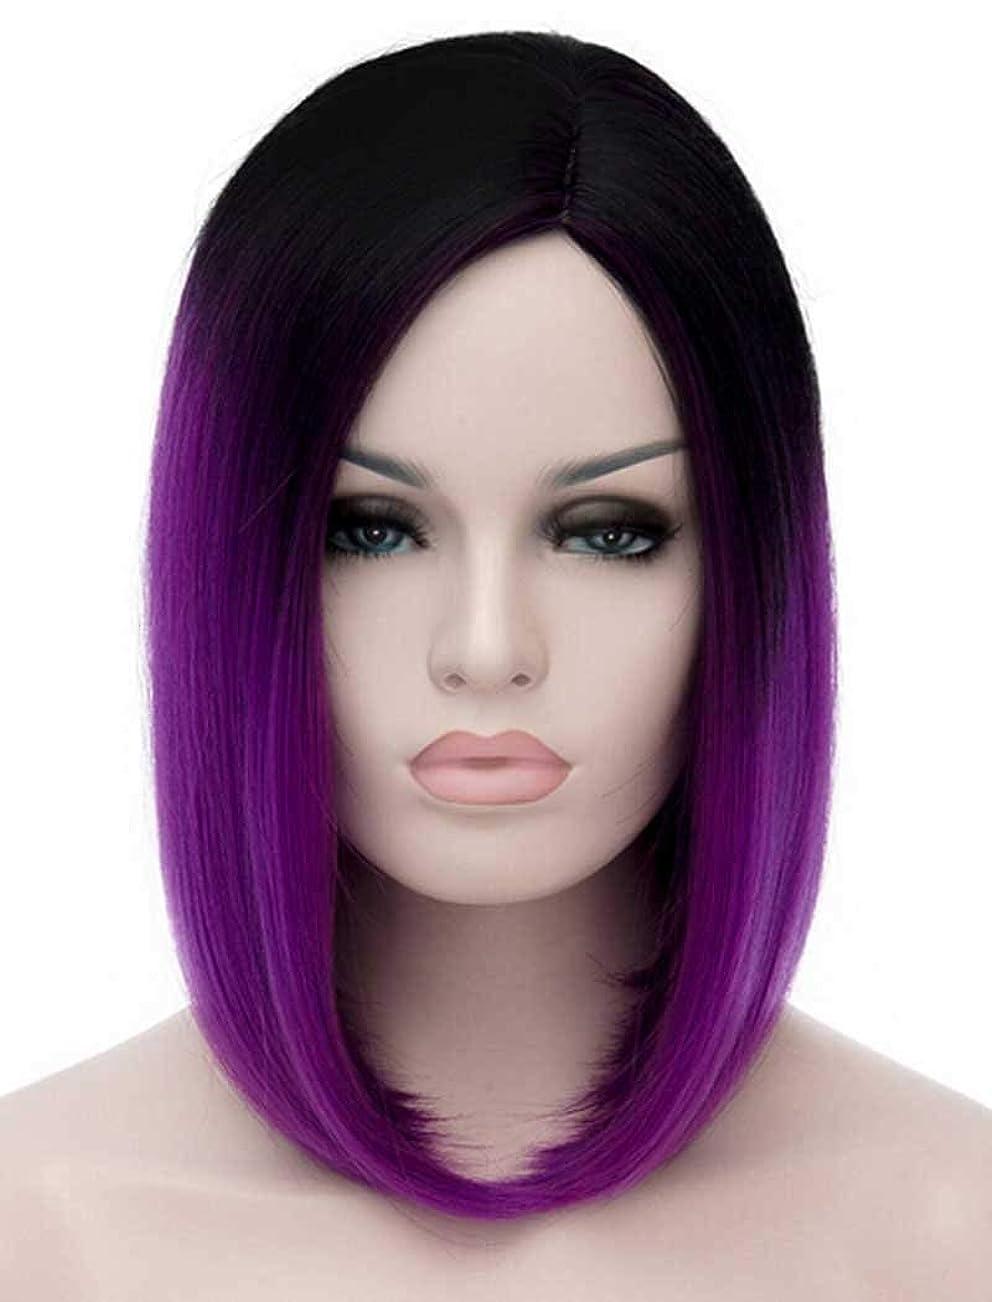 コンテンポラリーメガロポリス慣性かつらショートストレート合成髪アフロかつらオンブルブラックとパープルミックスかつら